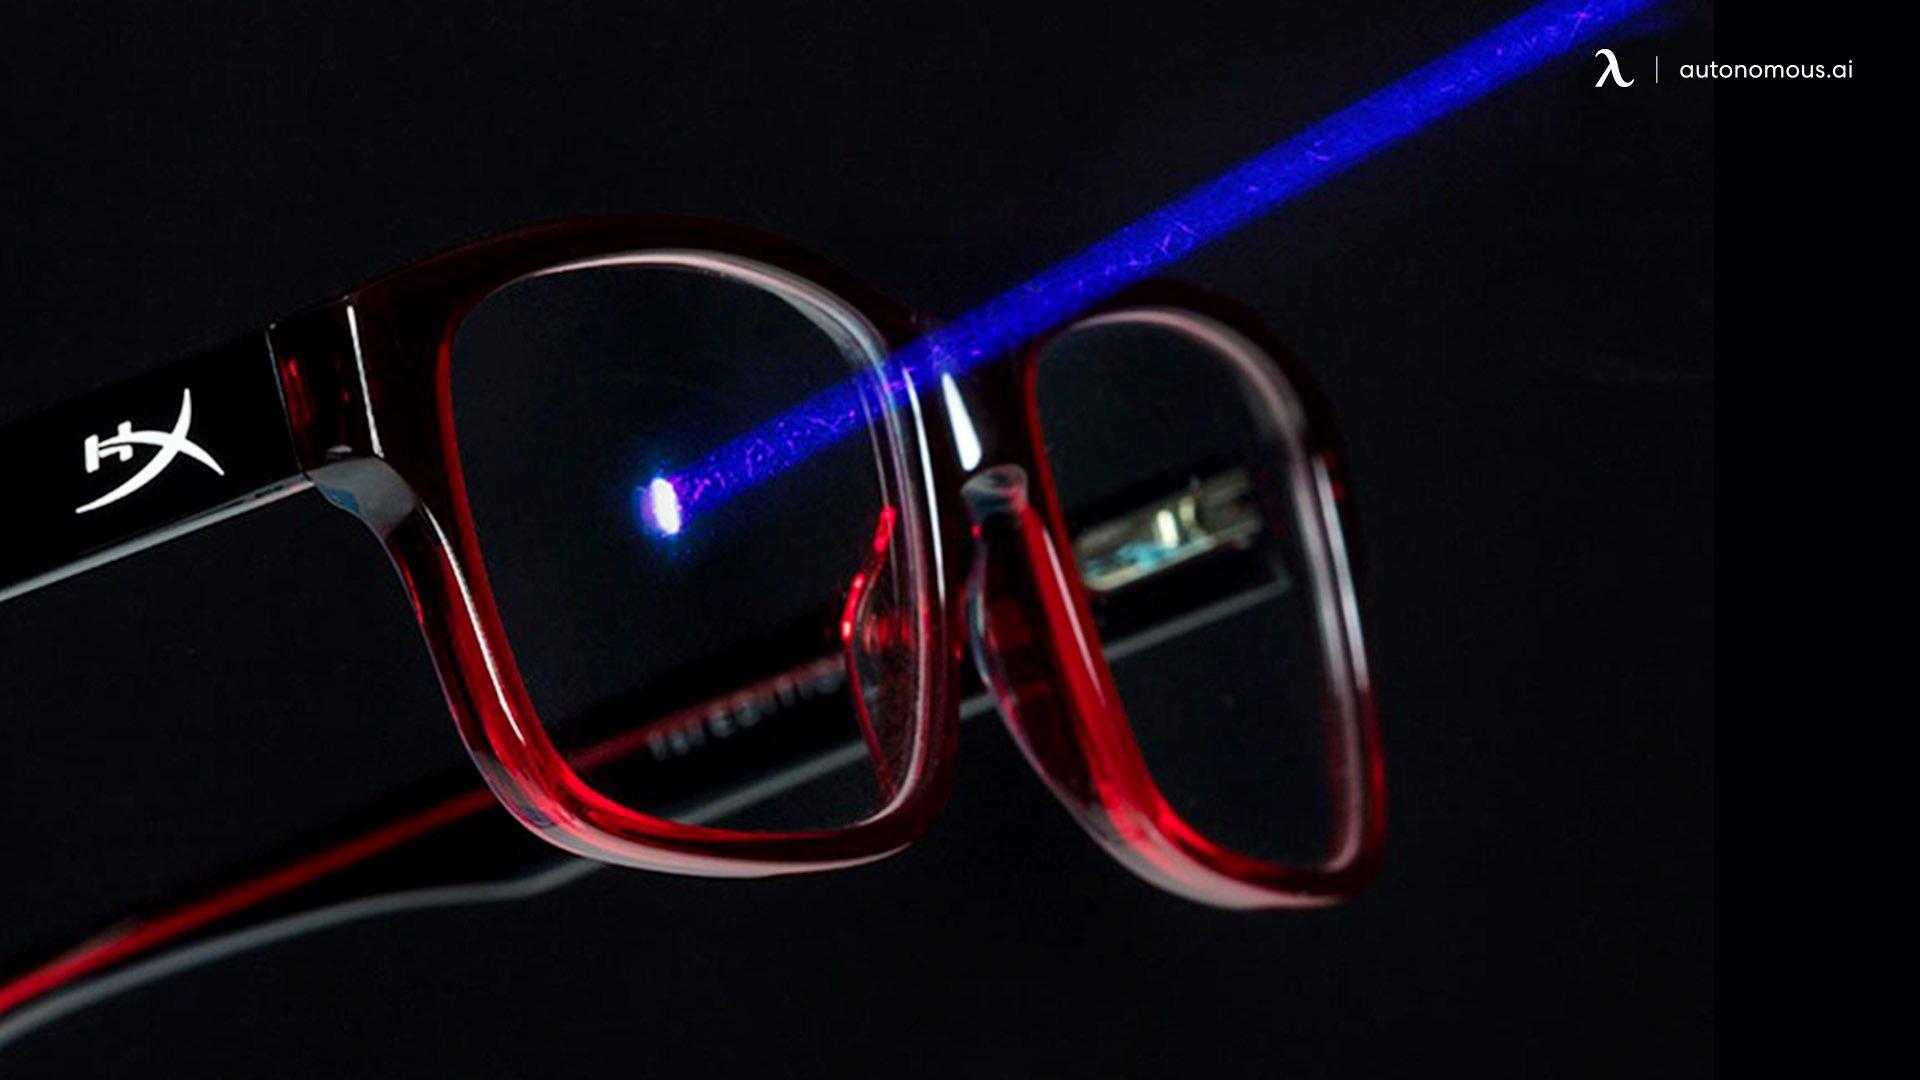 Blue Light Glasses for the Win